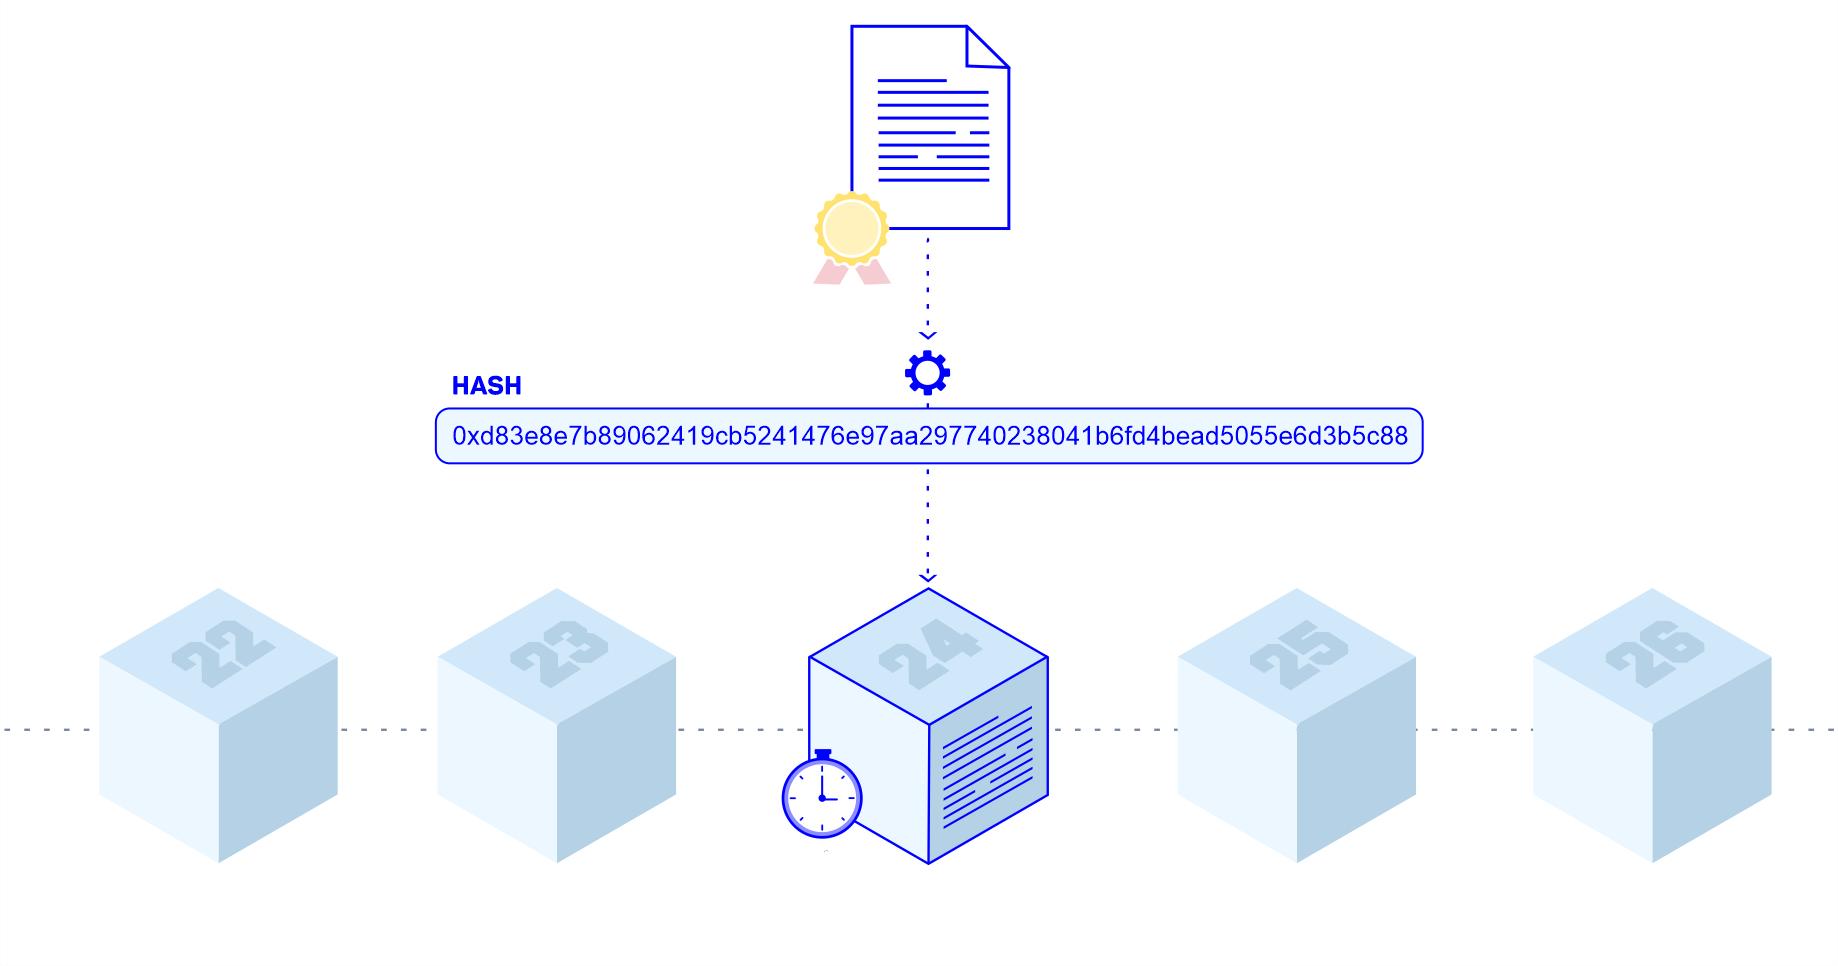 blockchain-hash-framework